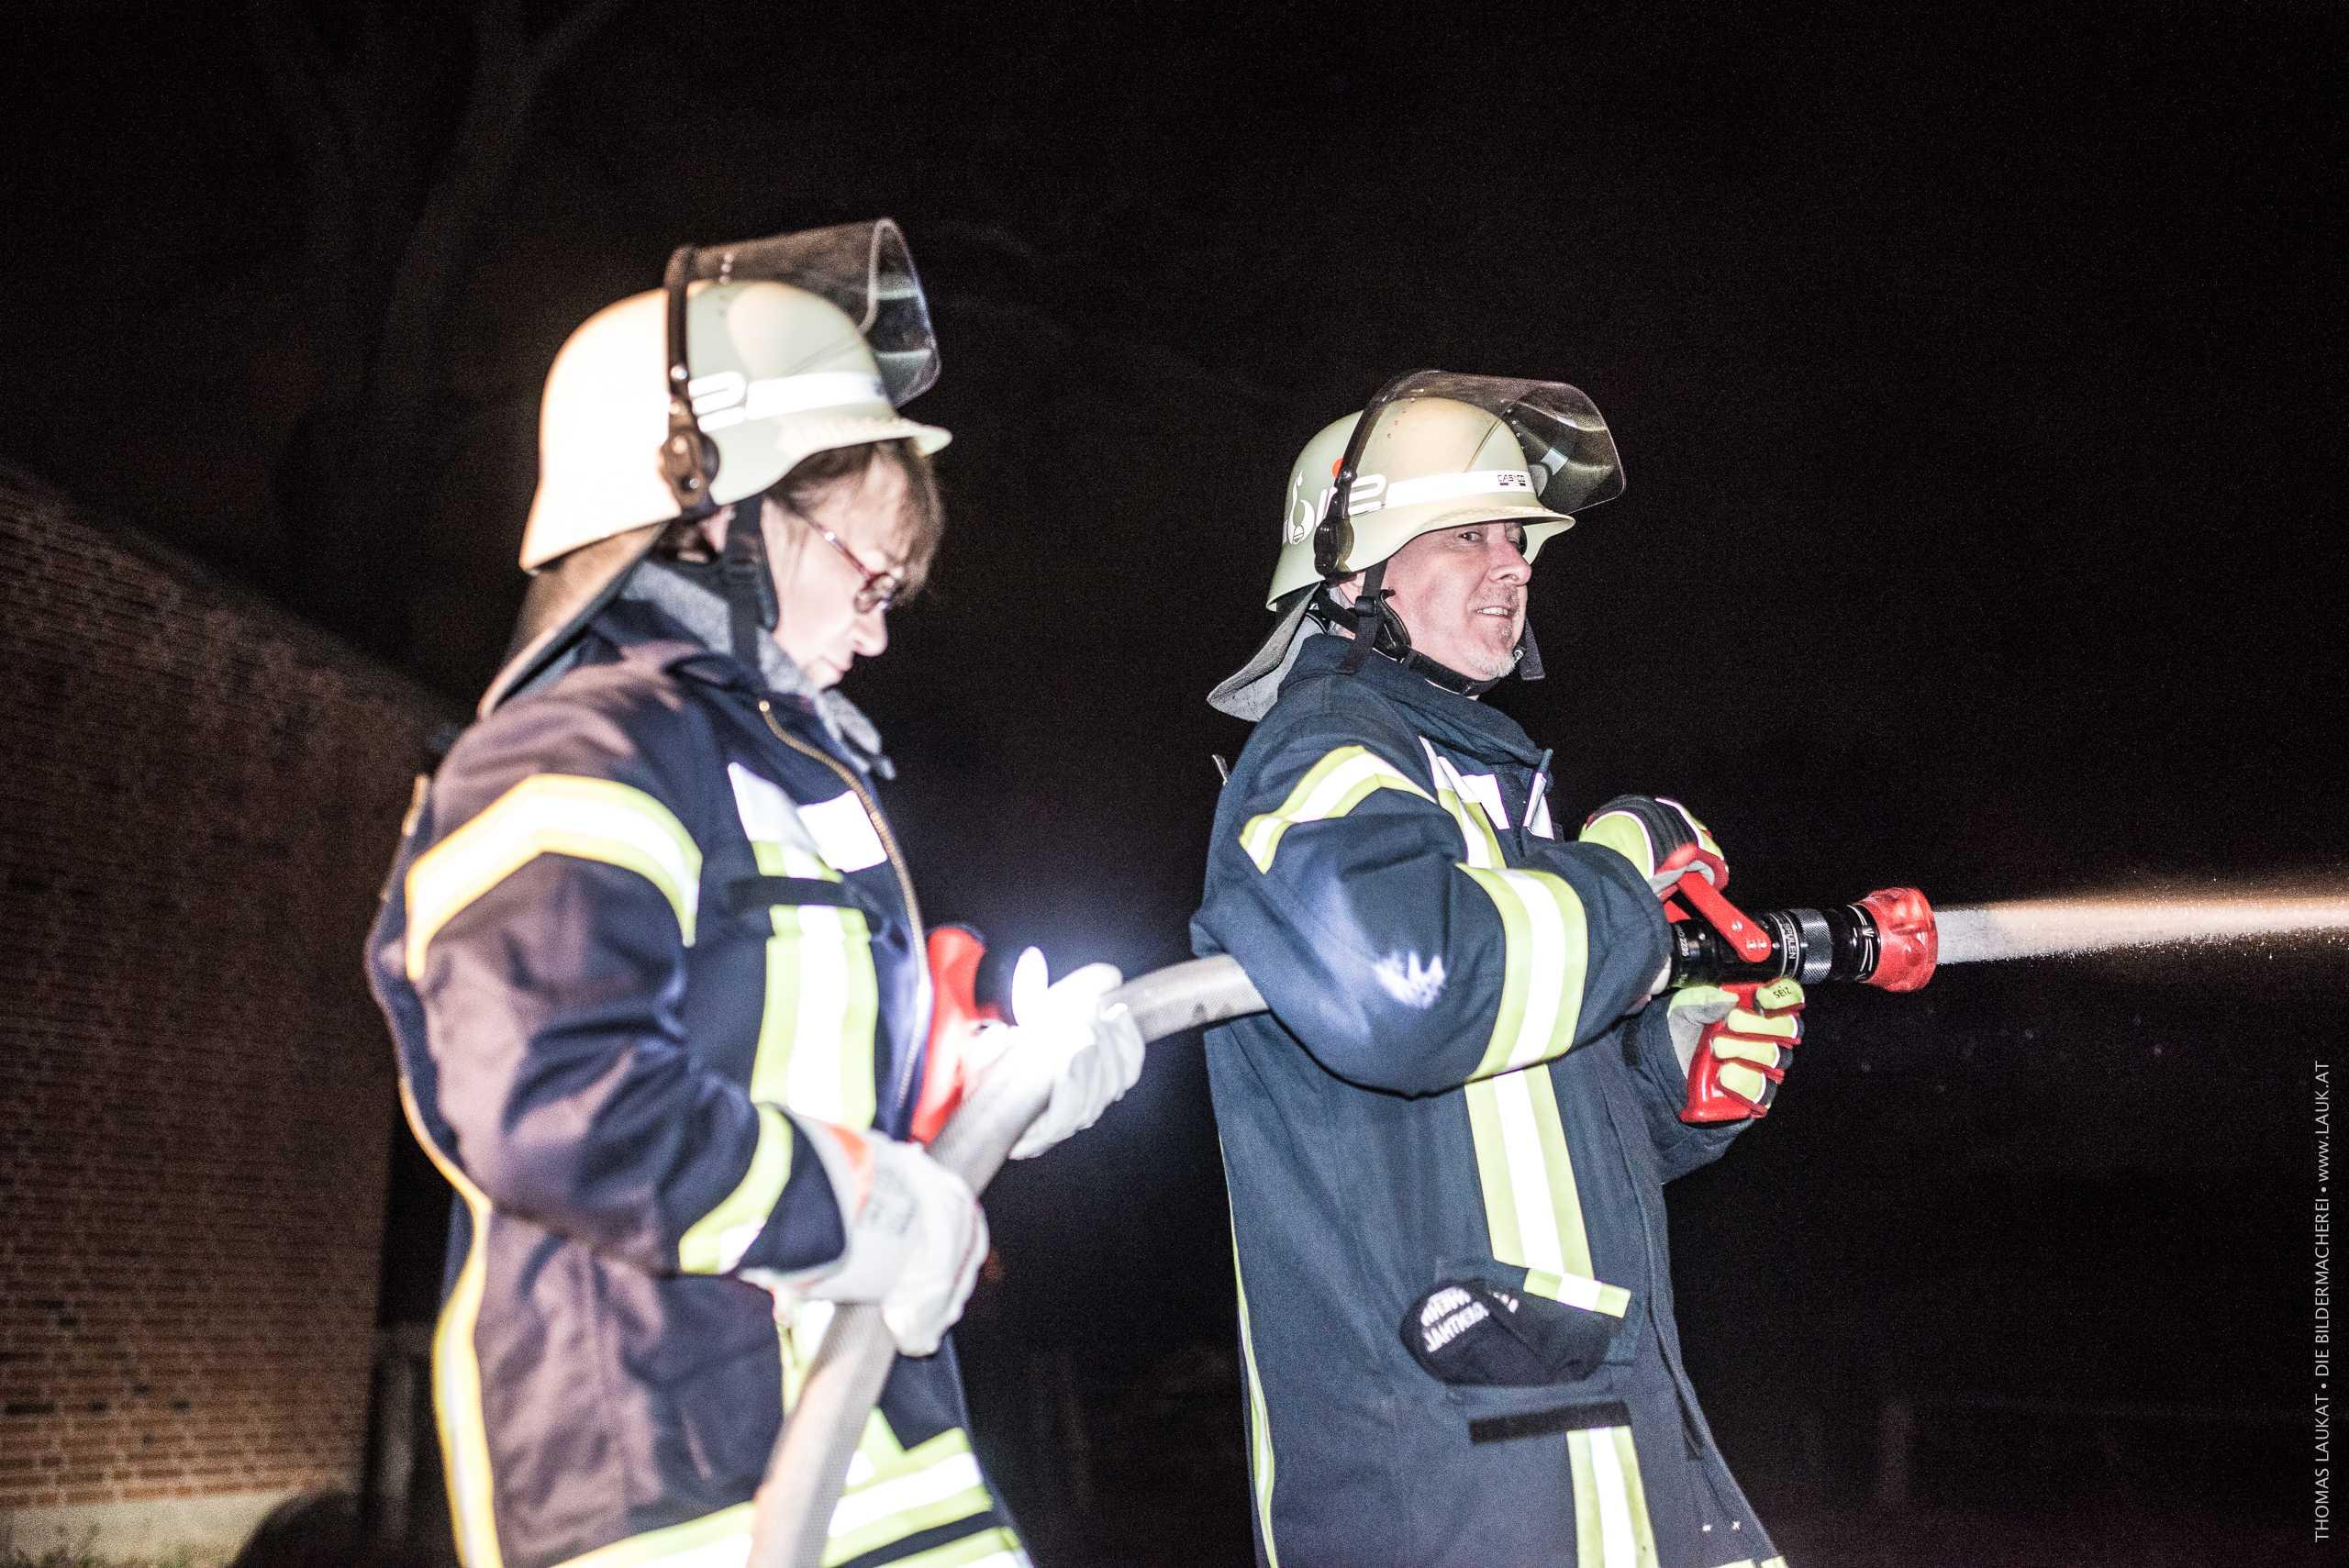 Feuerwehr Heiligenthal